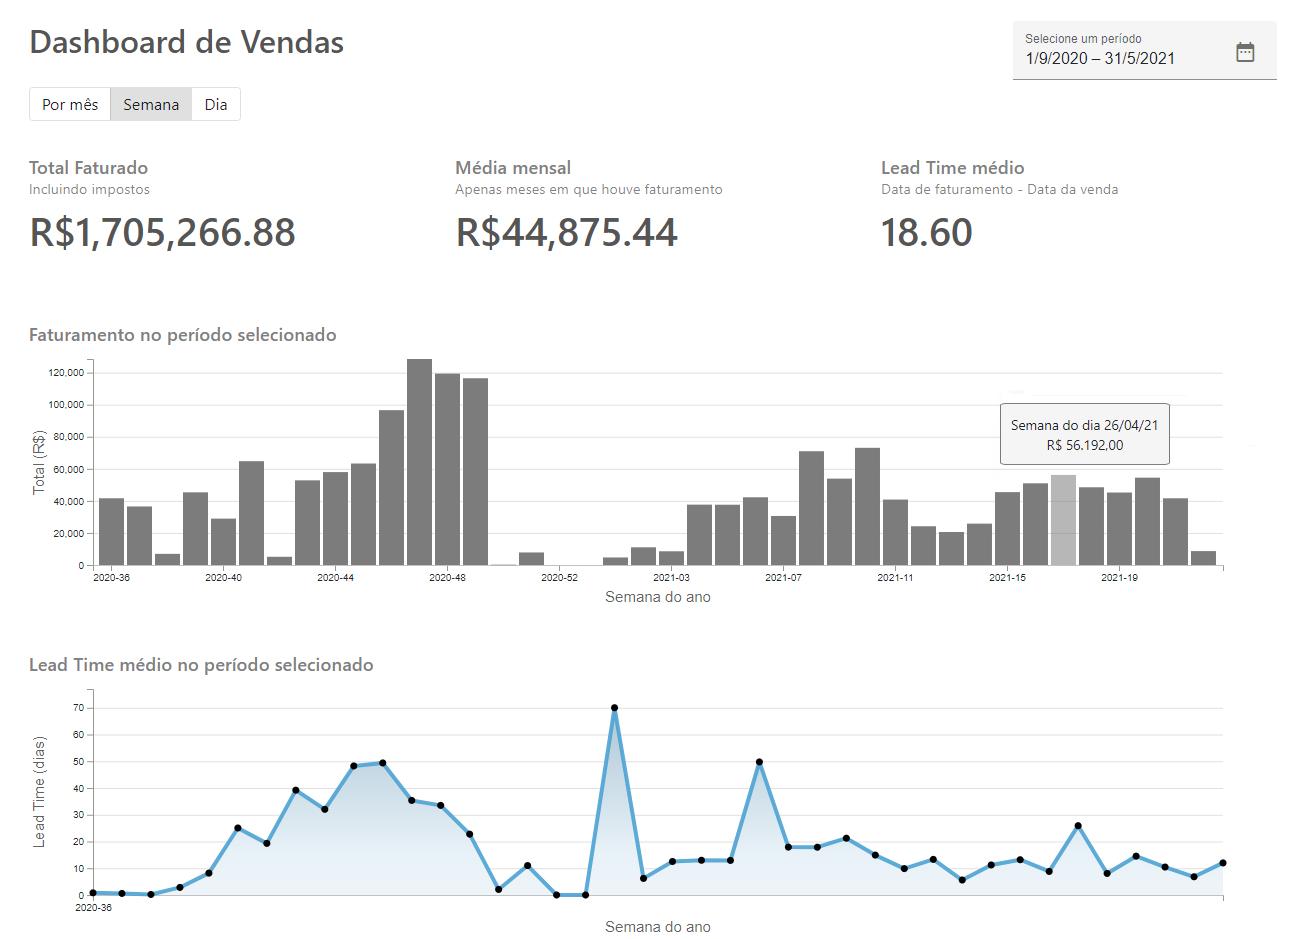 Tela com gráficos e indicadores do dashboard de vendas e lead time do sistema.